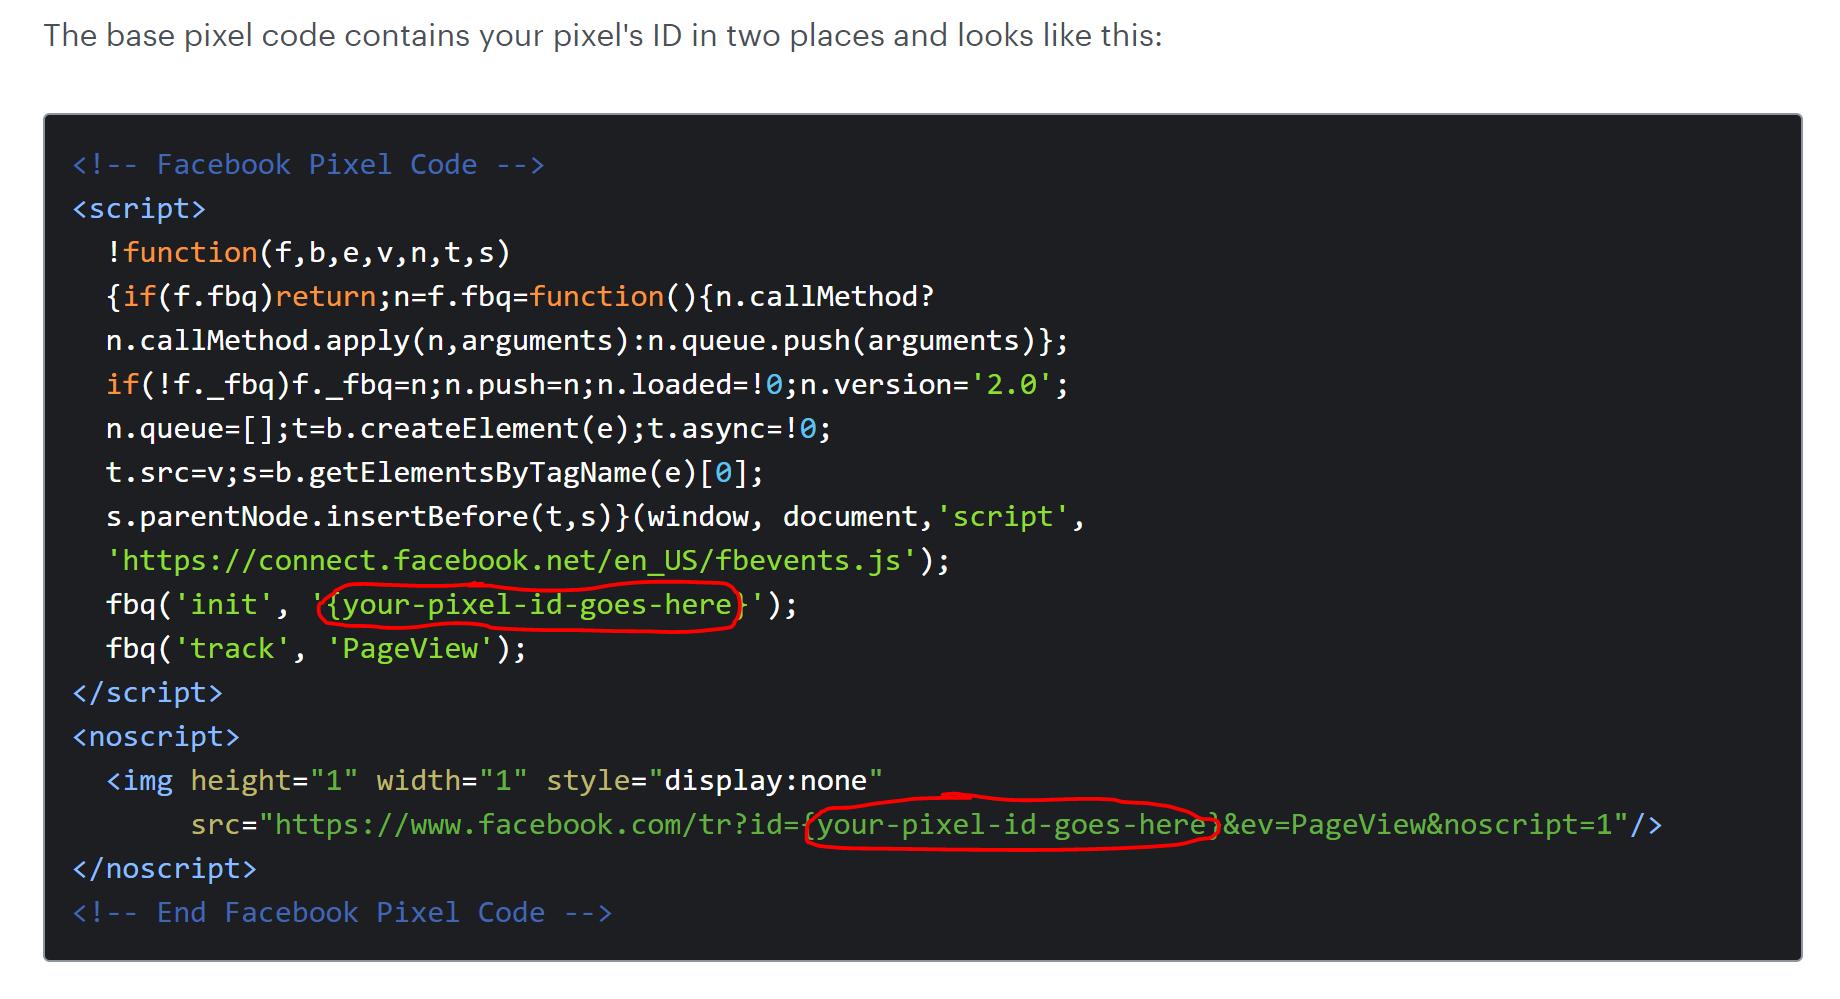 Screenshot of pixel code